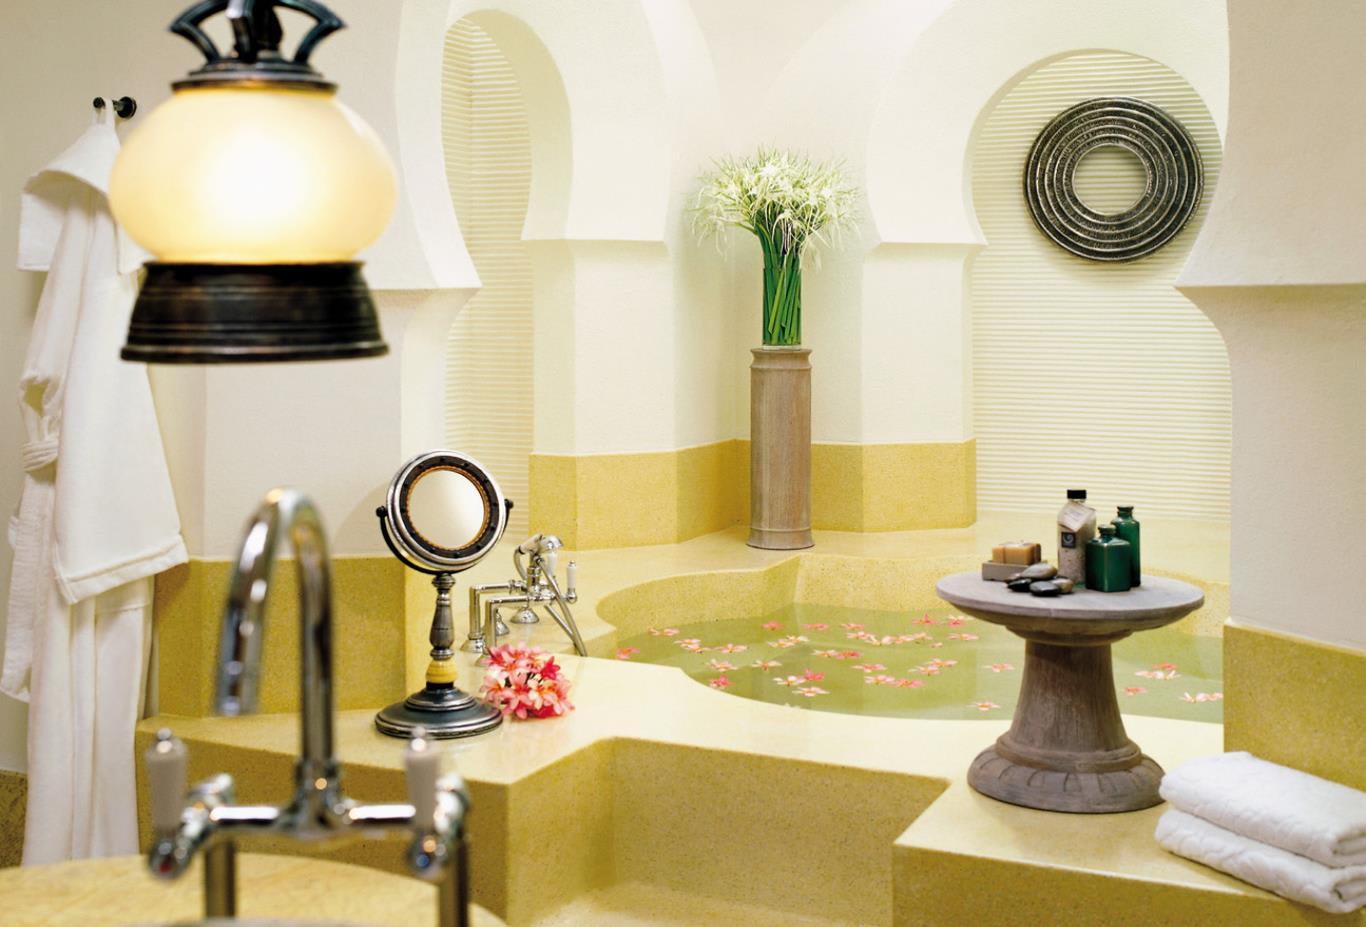 Melaleuca Pavilion bathroom